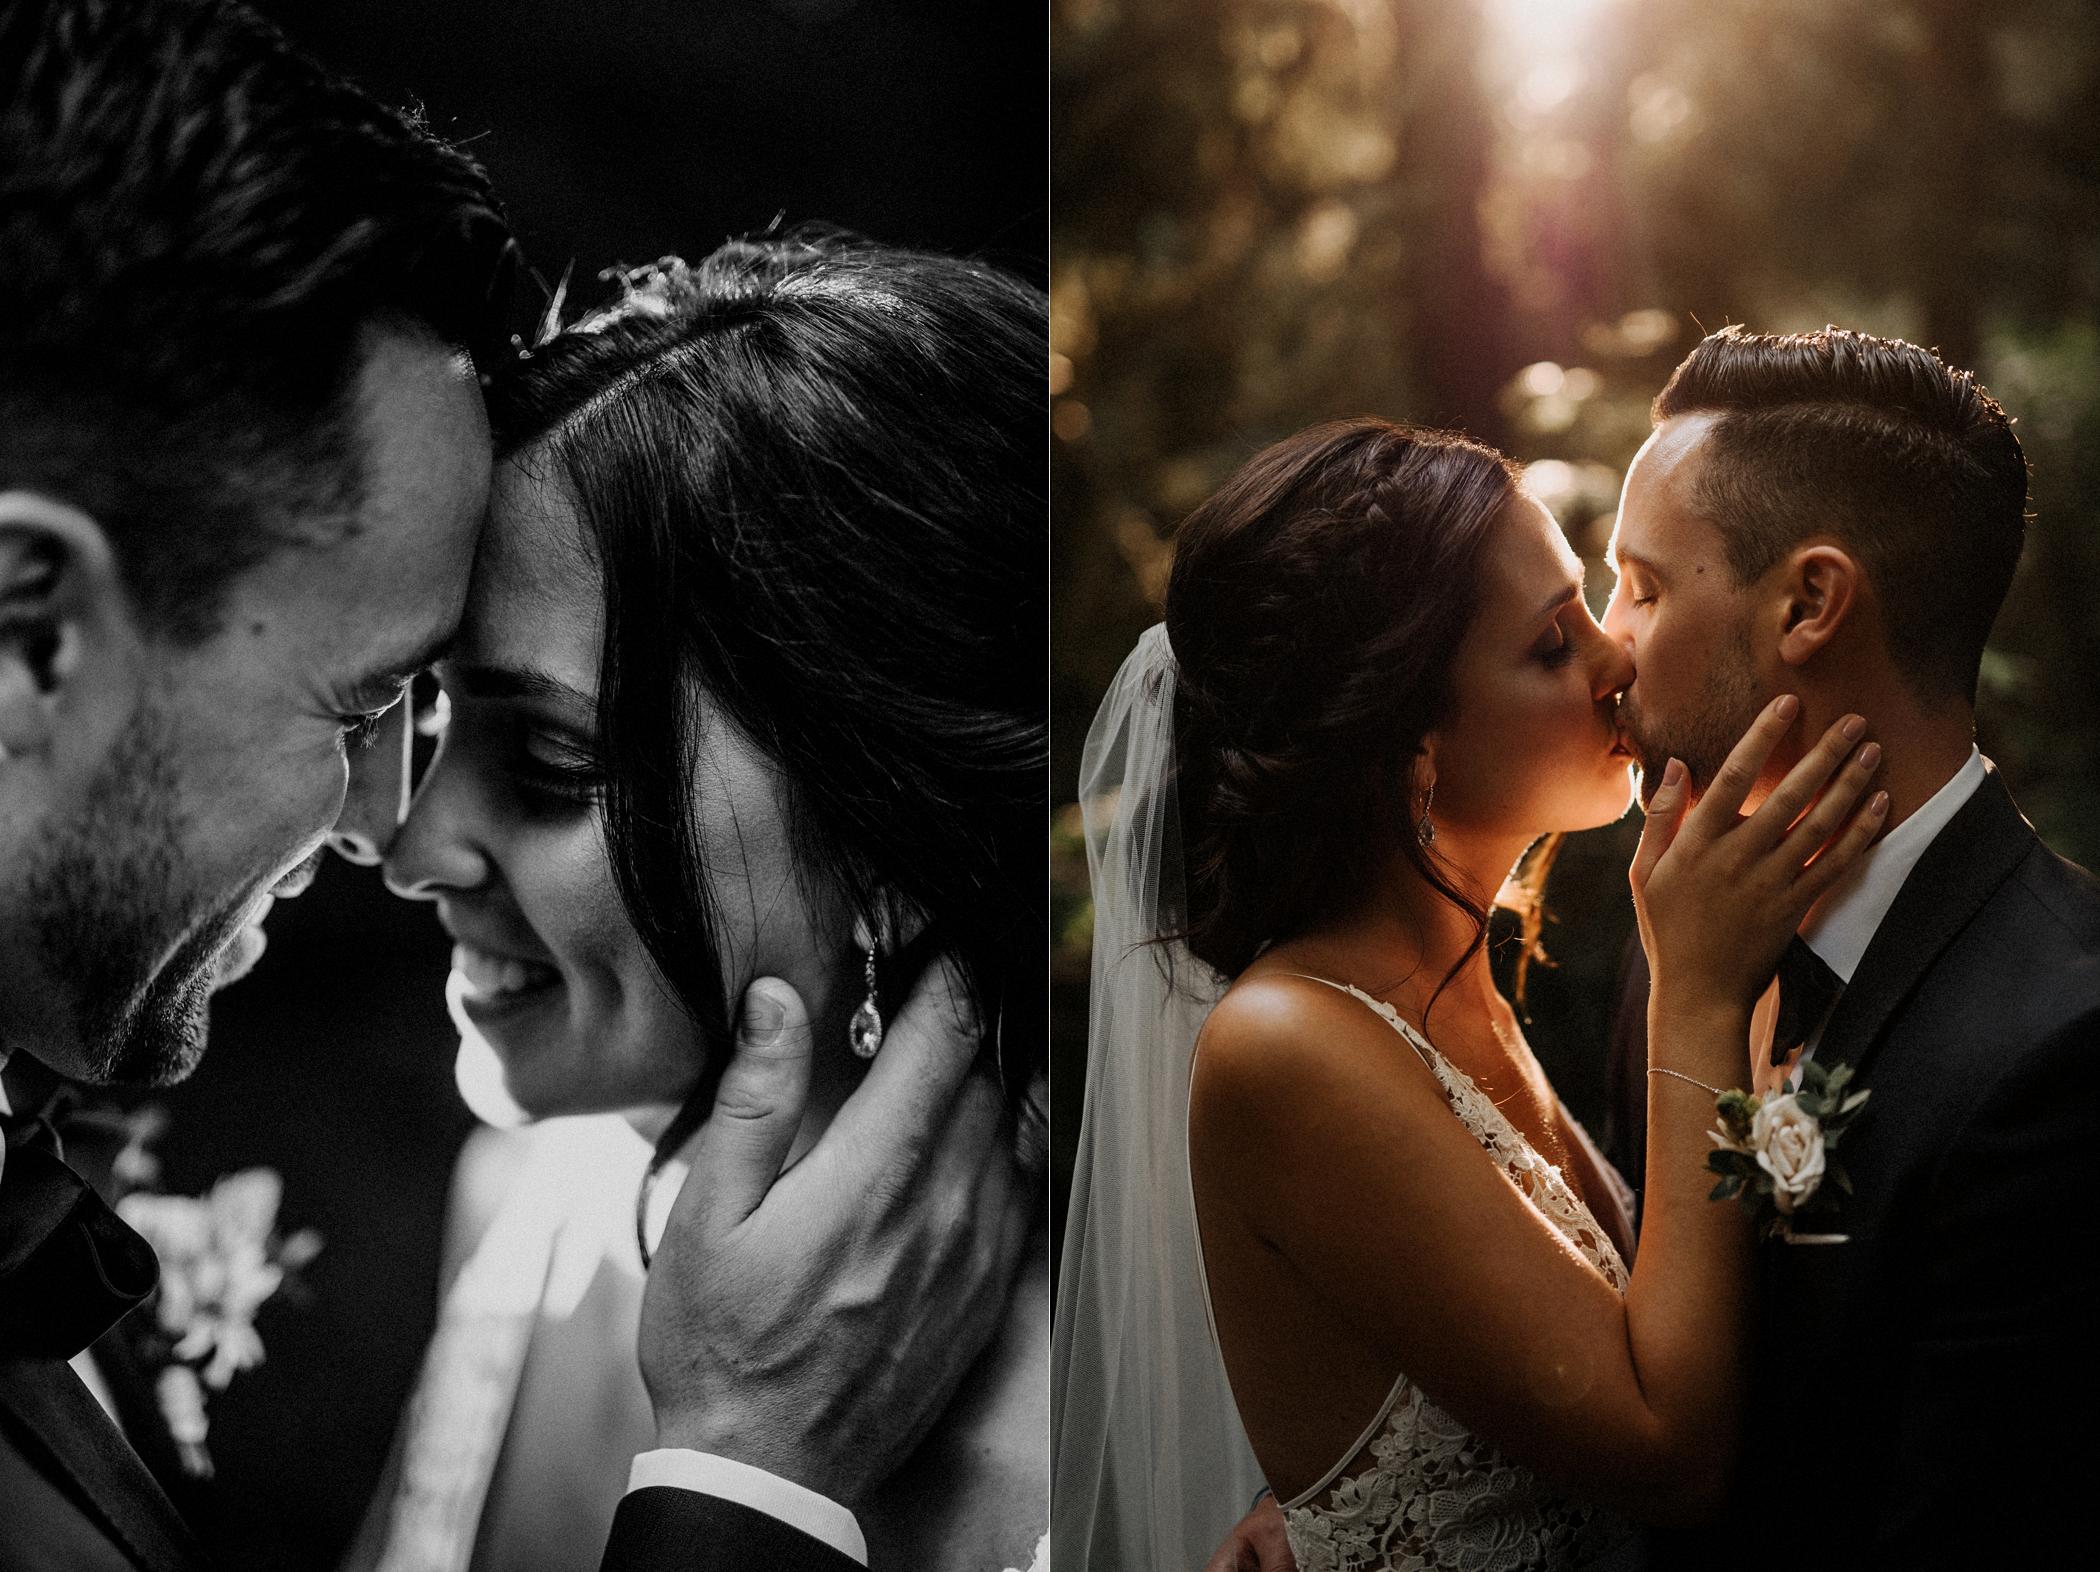 061-kaoverii-silva-KR-wedding-vancouver-photography-blog.png